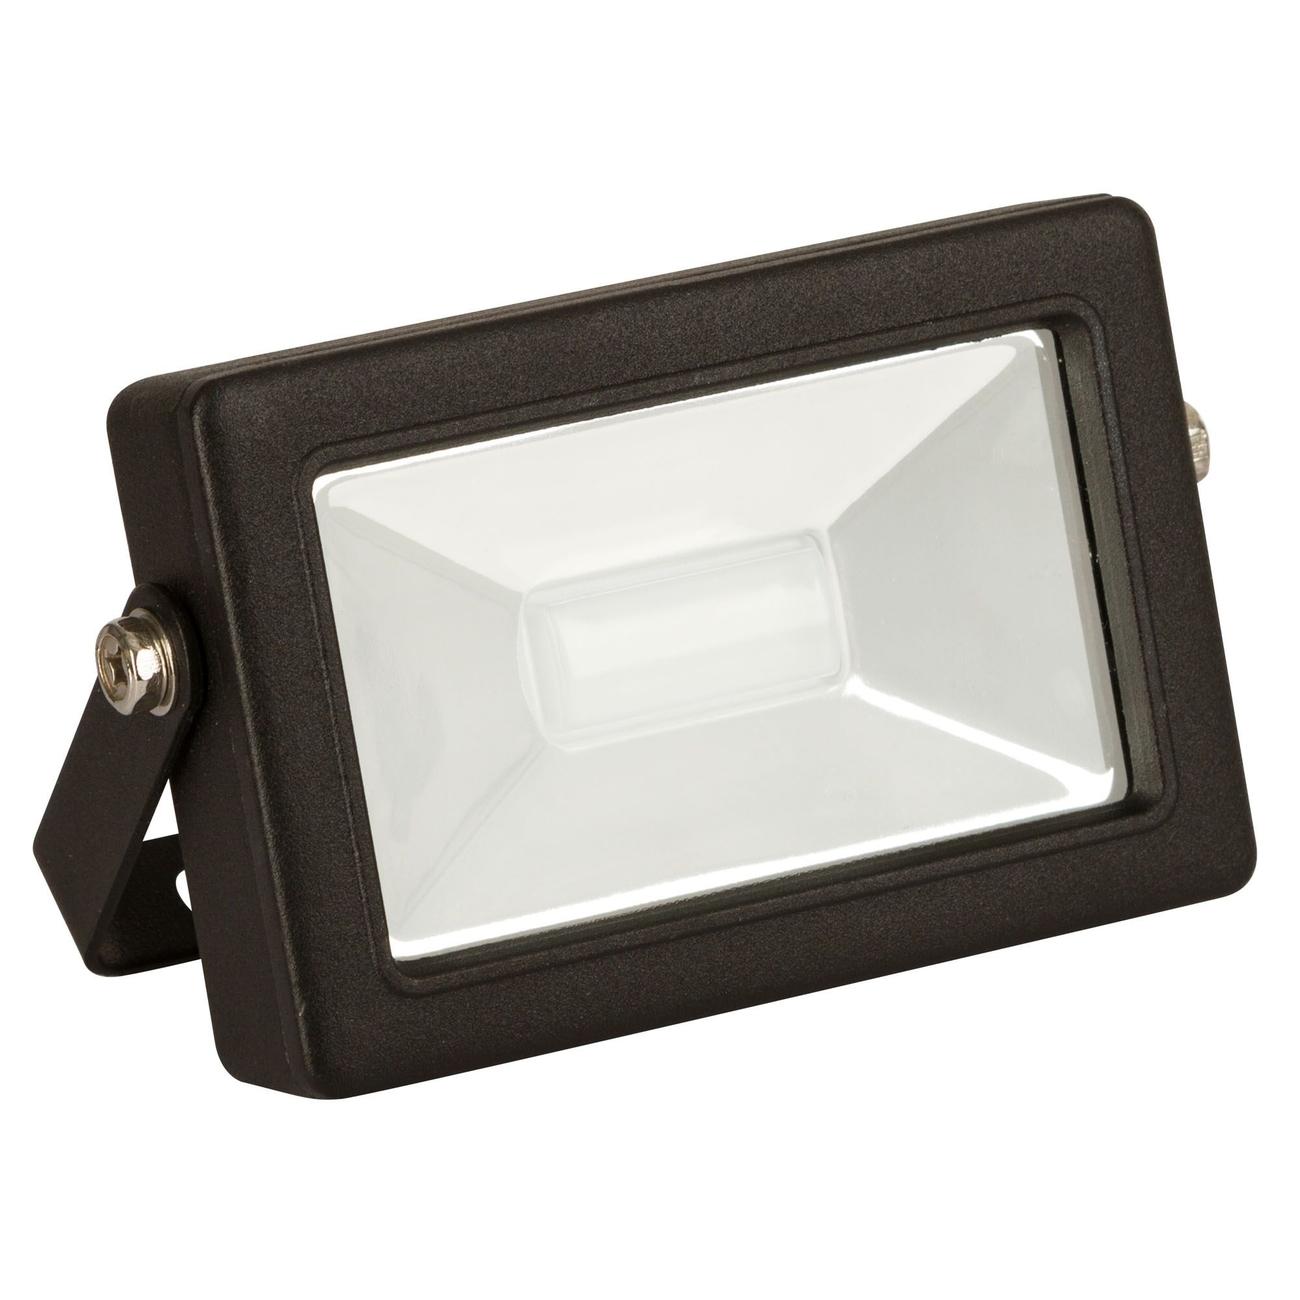 Kerbl LED-Außenstrahler mit oder ohne Bewegungsmelder, 10W, ohne Bewegungsmelder - 800Im, B134xH105xT38mm